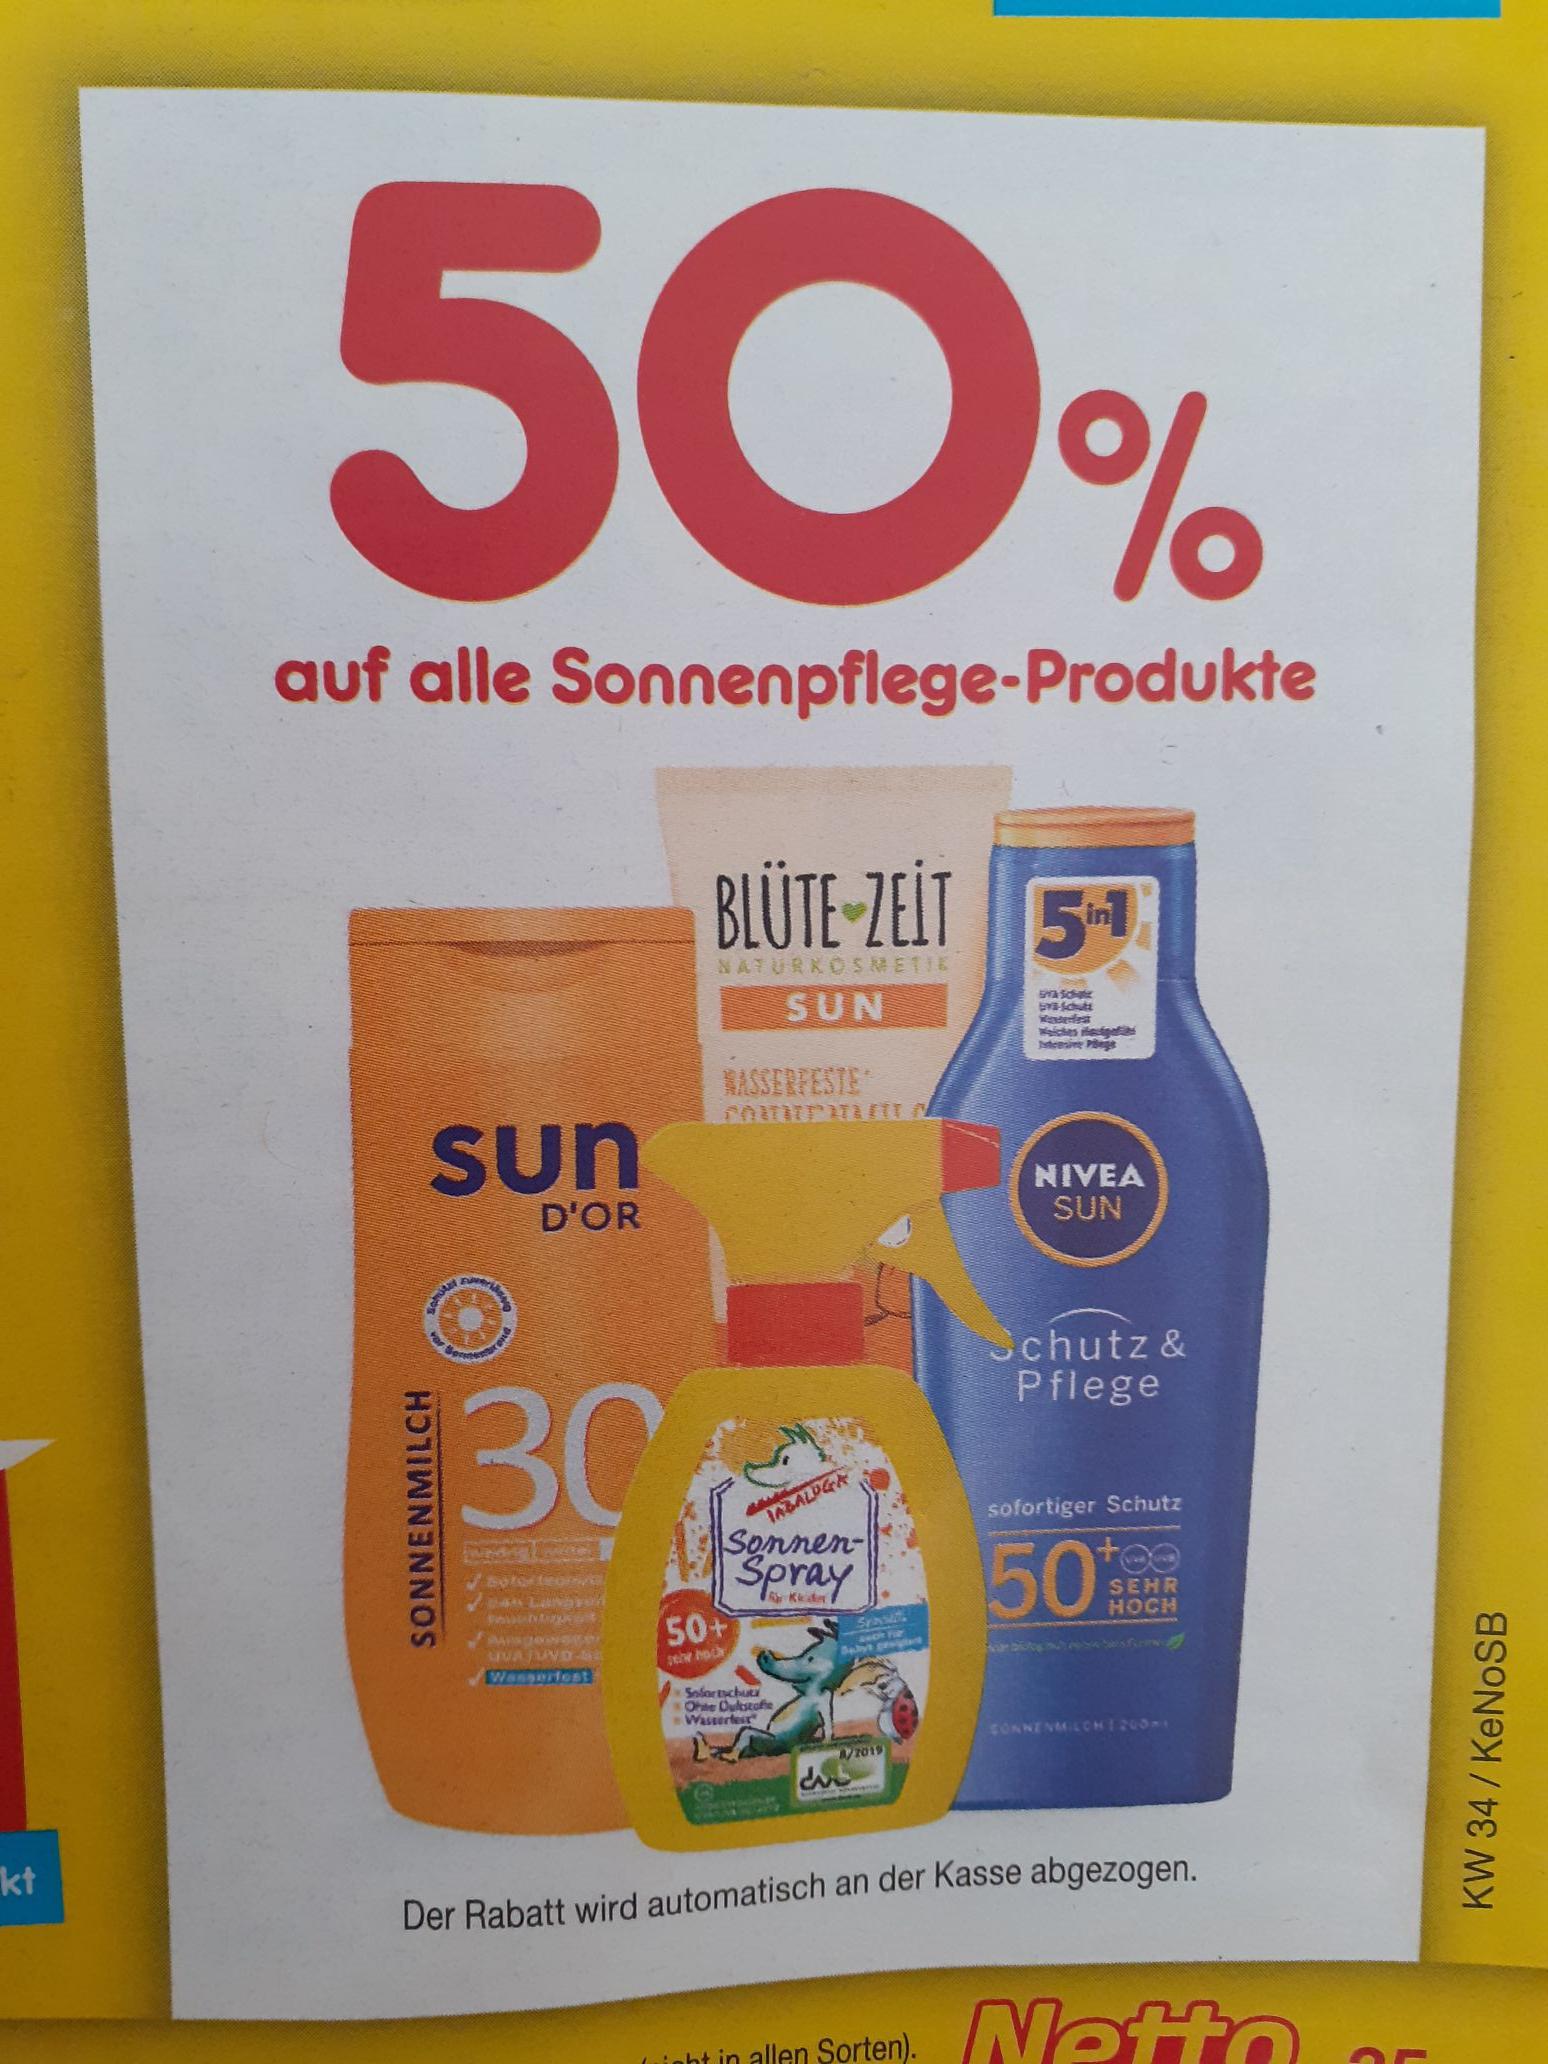 50% auf alle Sonnenpflege Produkte bei Netto Marken Discount am 21.08.20